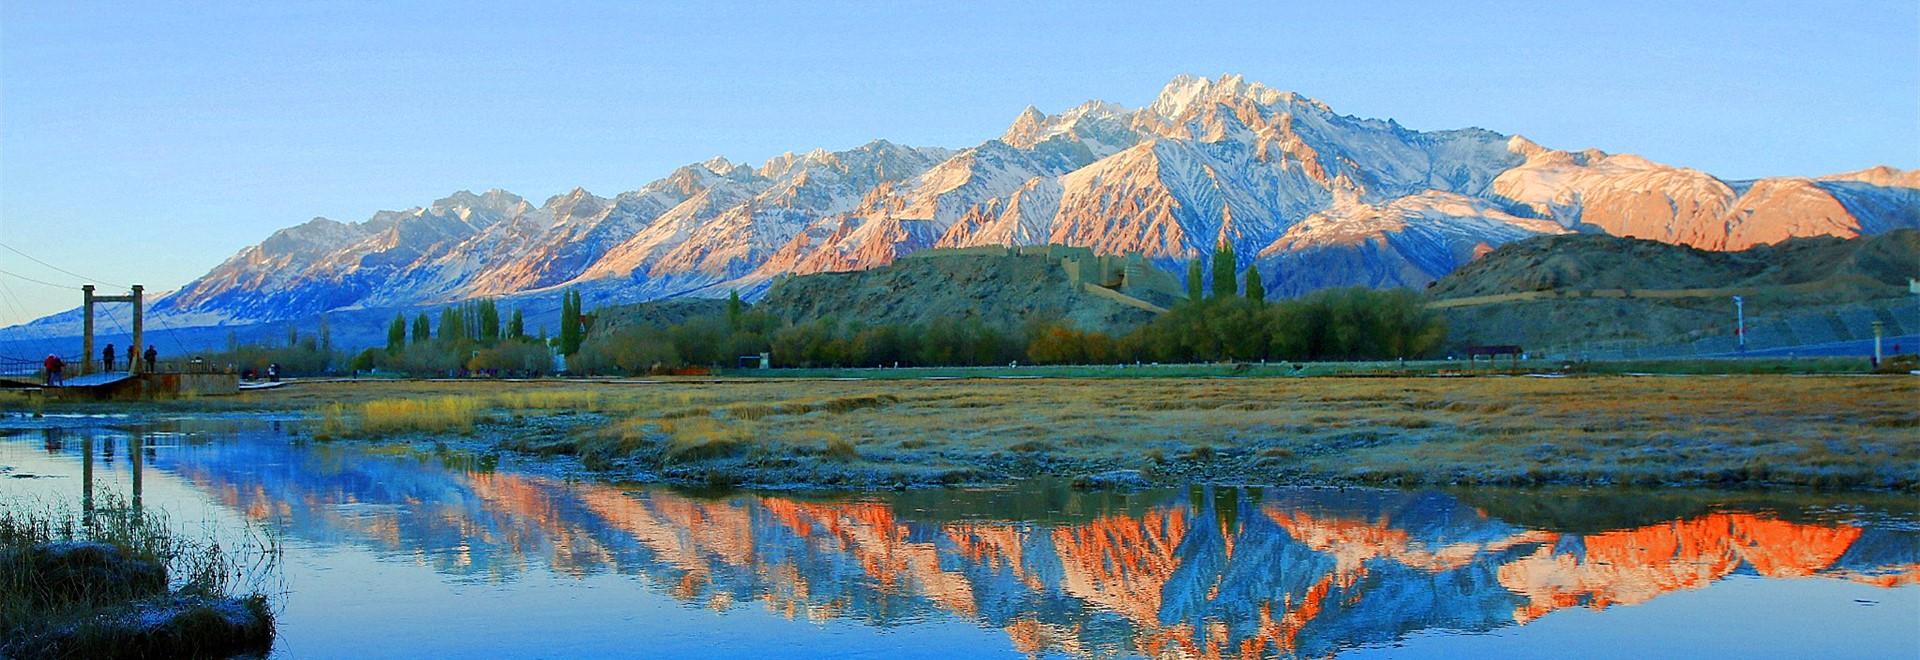 South Xinjiang Tours